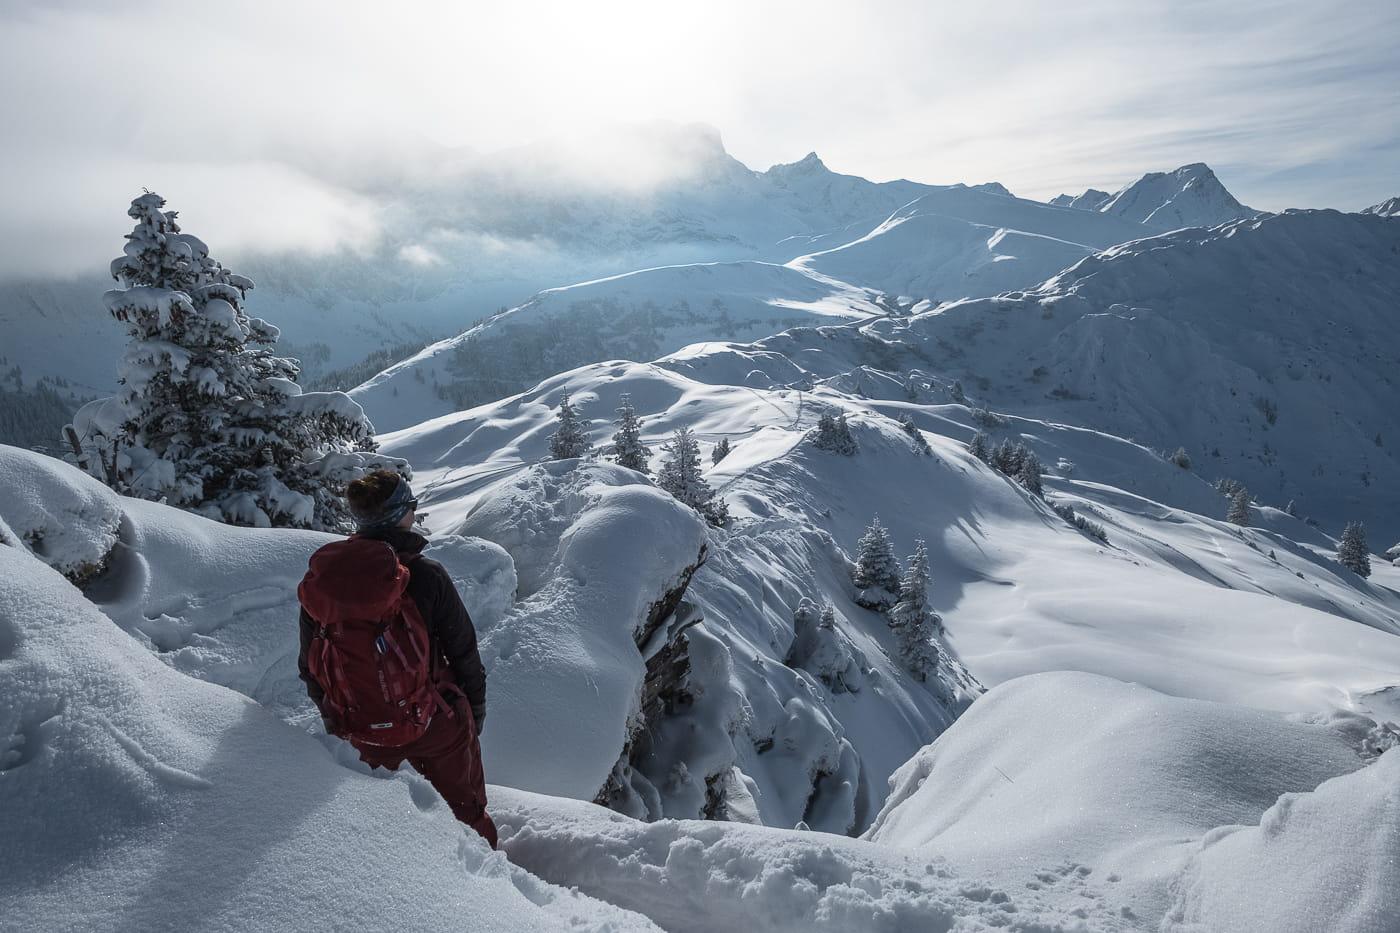 Winterwanderung im Berner Oberland: Lenk Leiterli